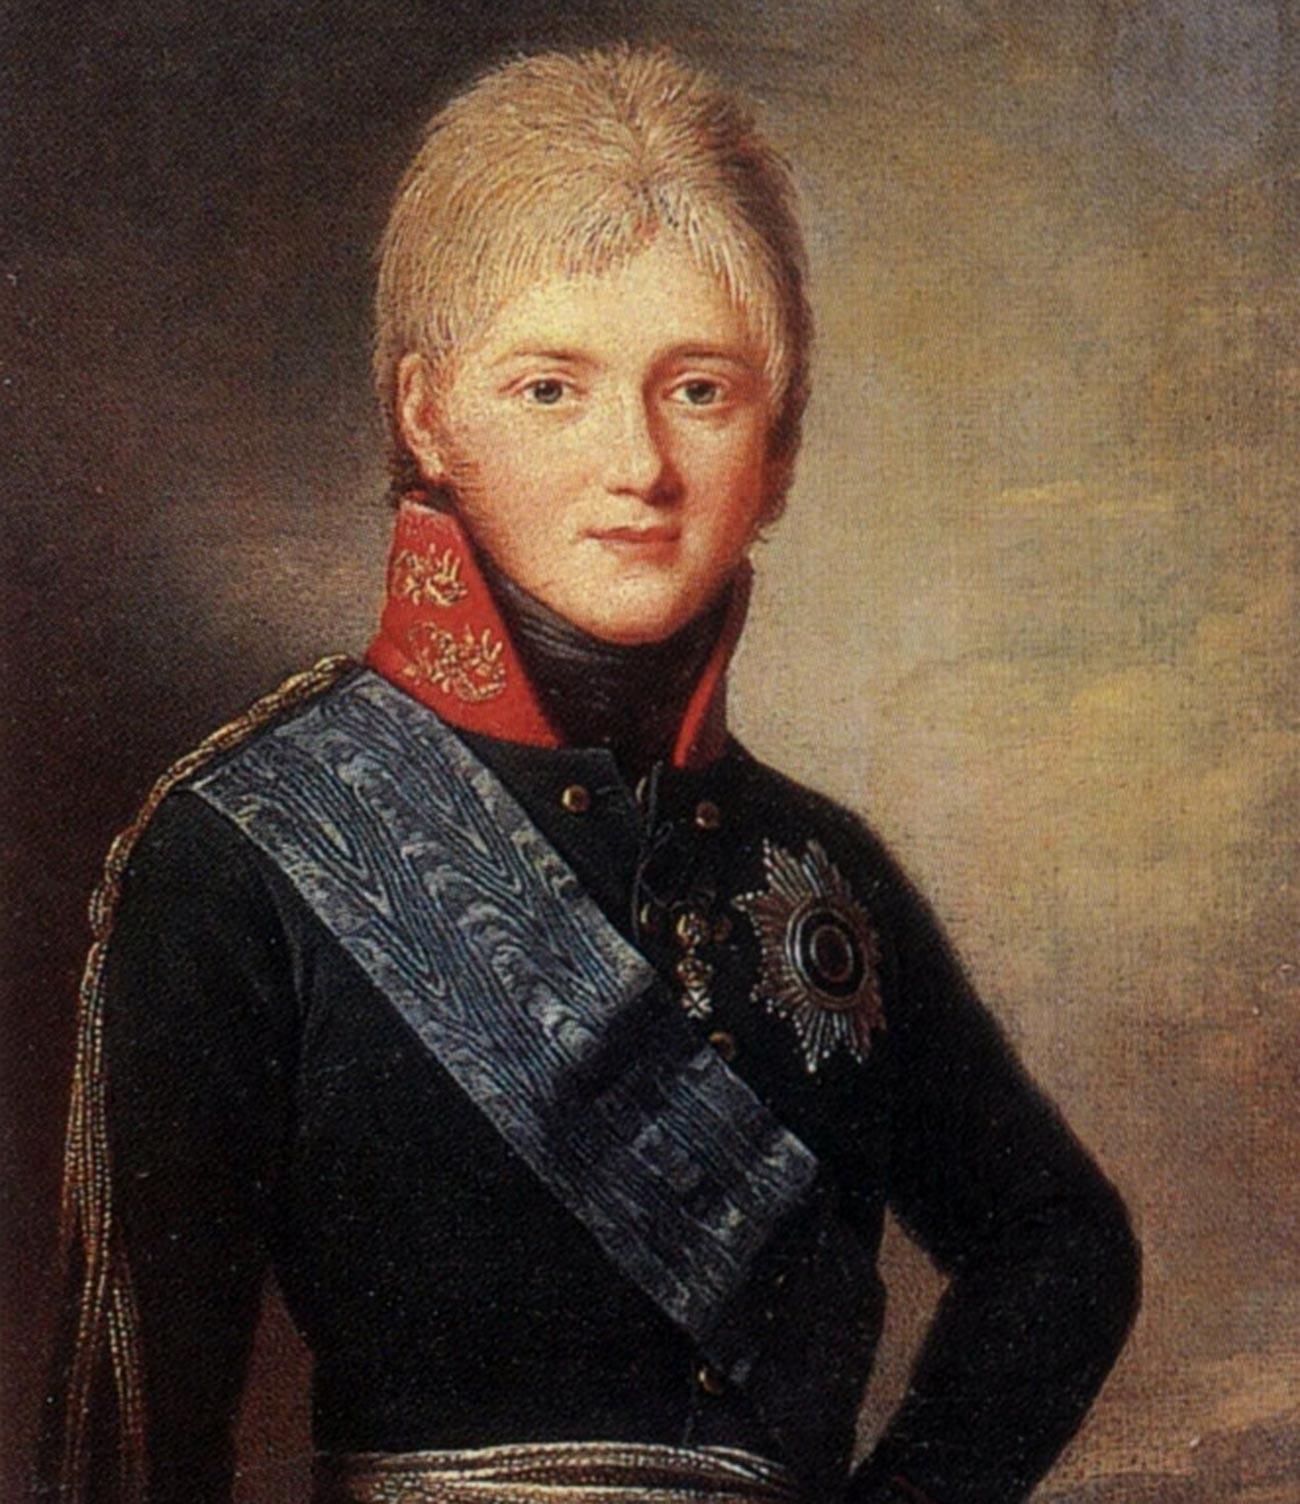 Портрет на Александър Павлович, бъдещият Александър I